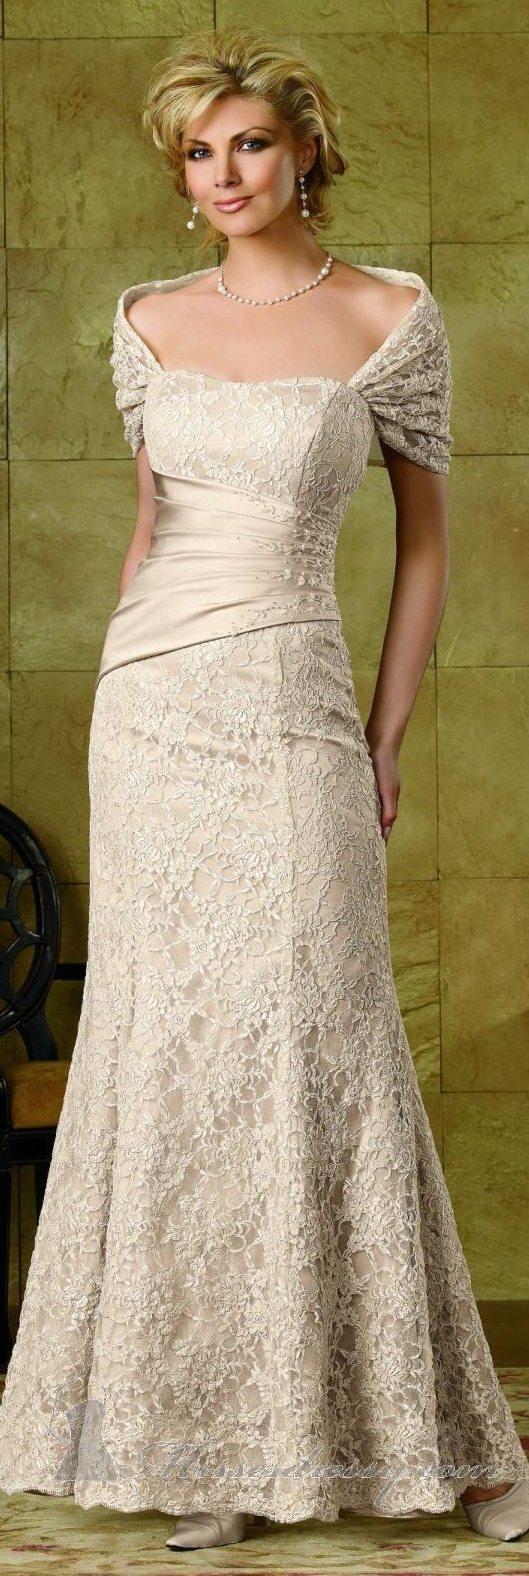 I Do Take Two wedding dresses older brides